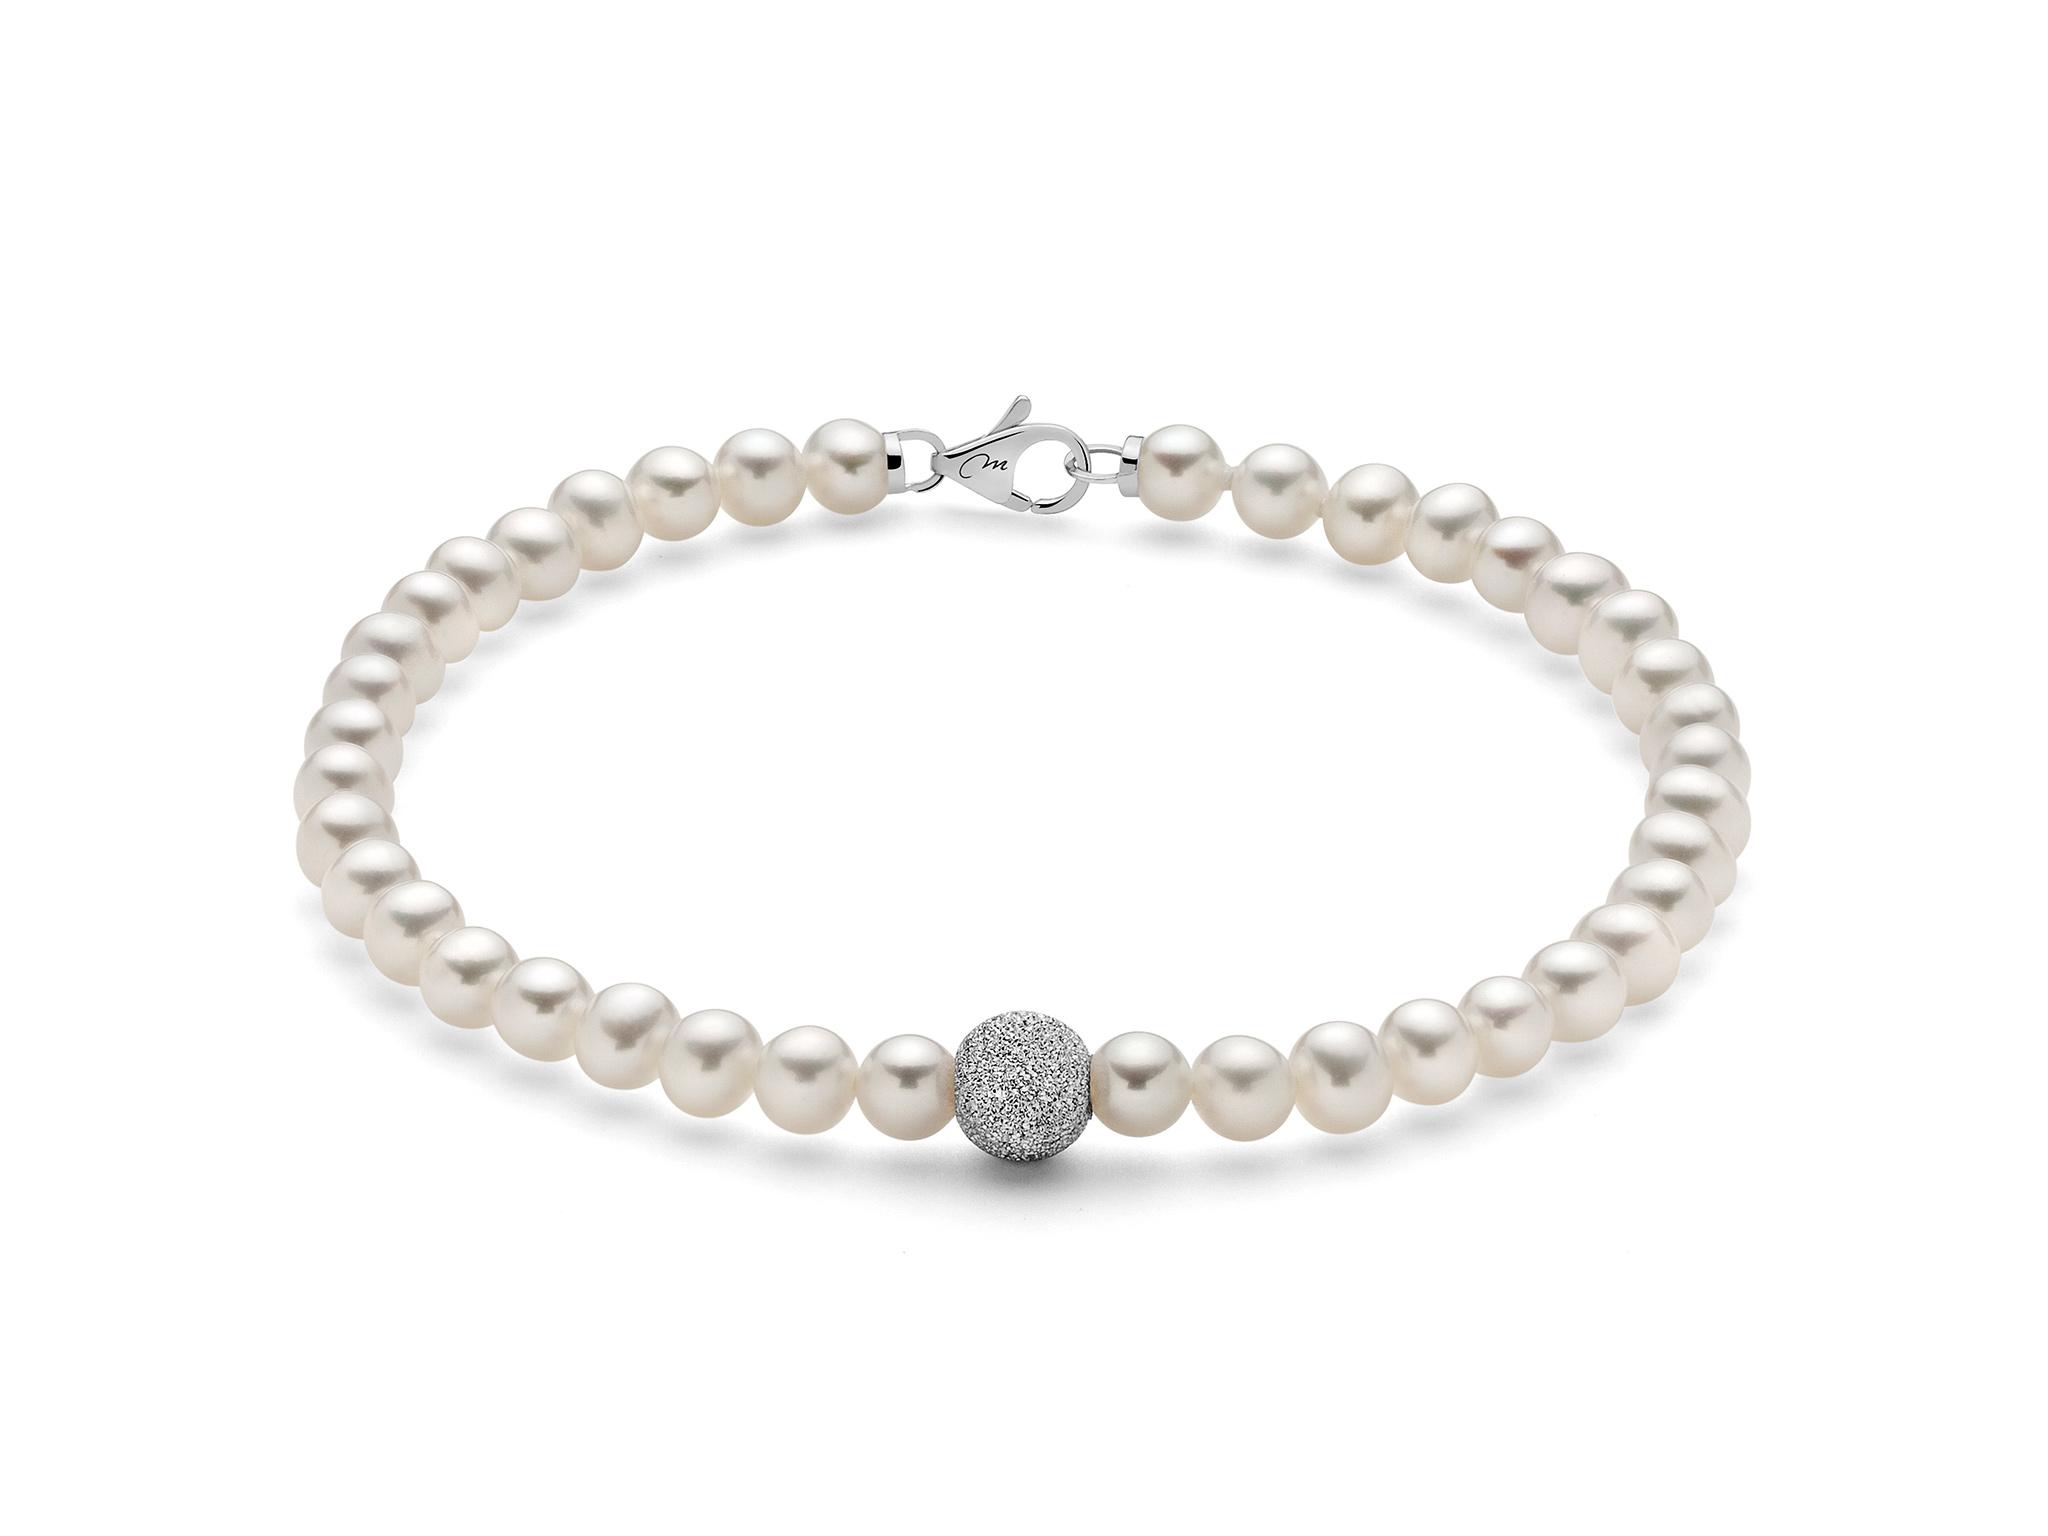 Bracciale di perle con boule diamantata in oro - PBR893V